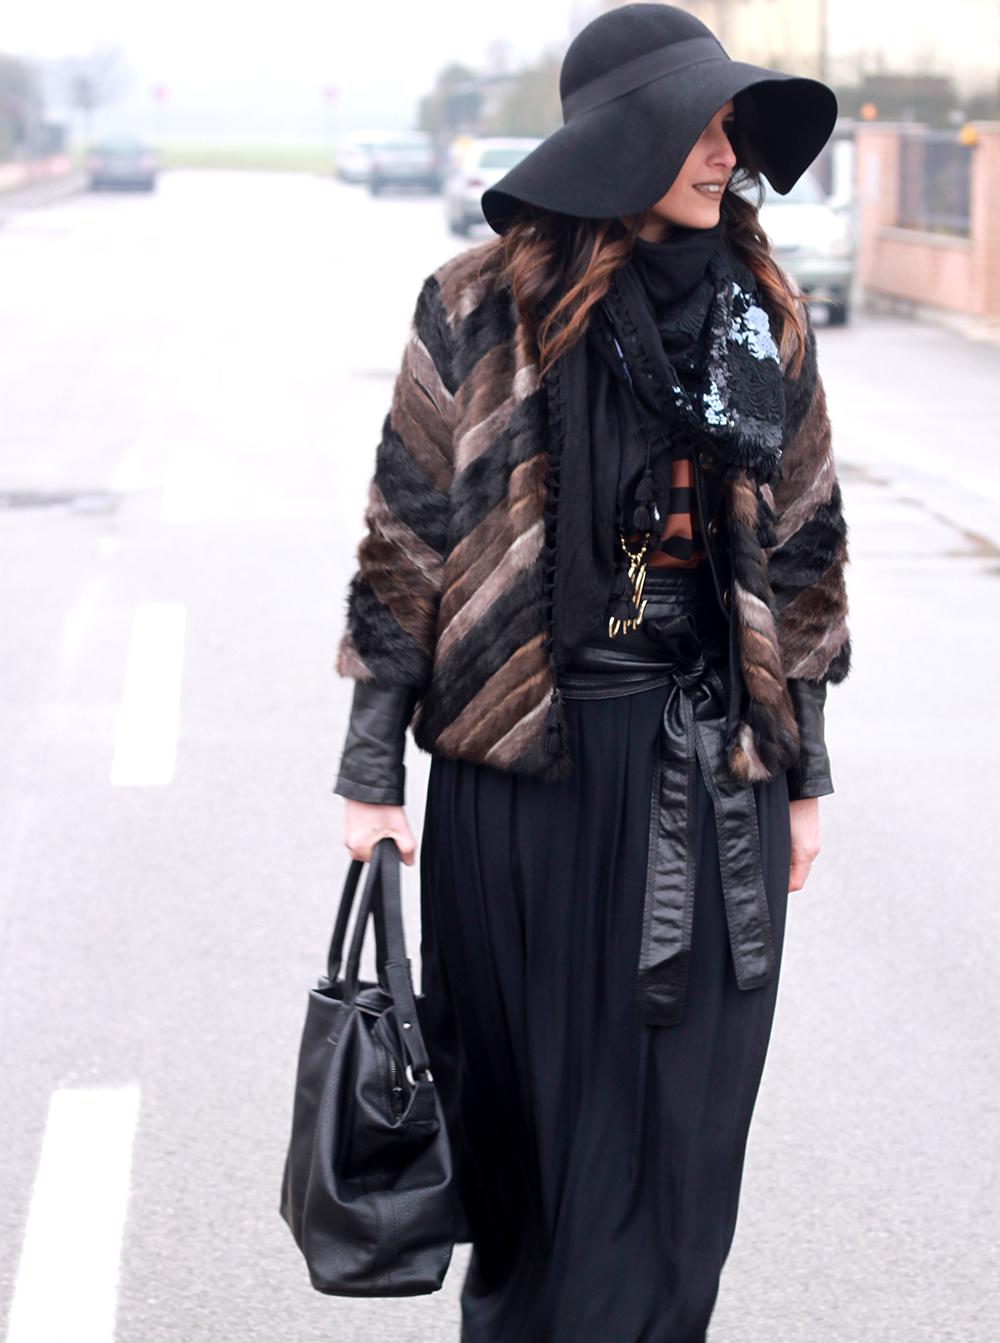 look donna con cappello, ecopelliccia, gonna lunga, righe, maxi borsa, tronchetti a punta e collana con iniziale